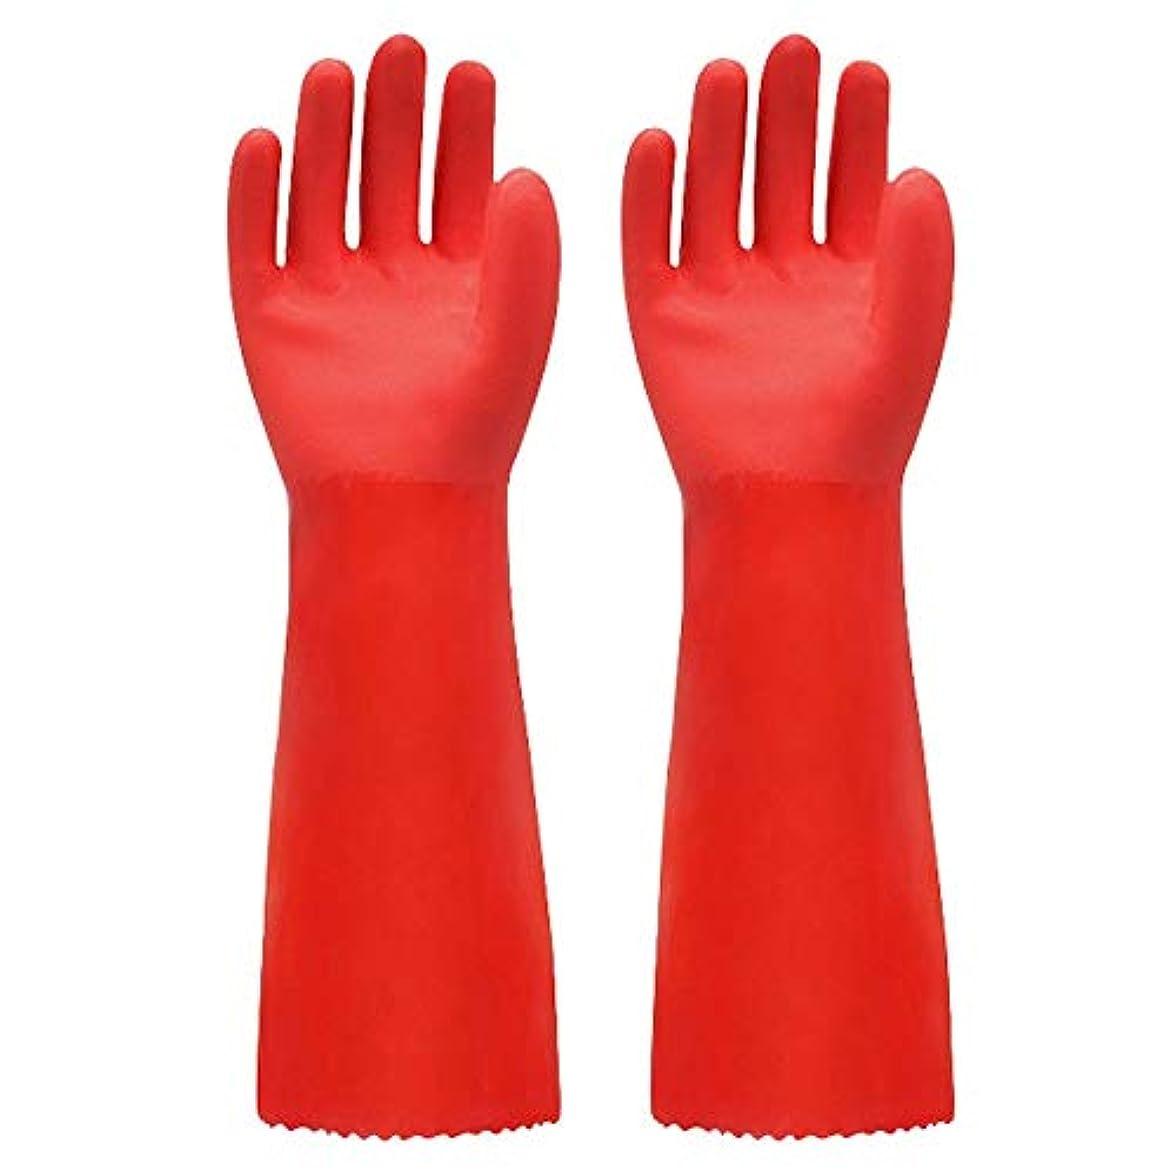 首大学どっちBTXXYJP キッチン用手袋 手袋 掃除用 ロング 耐摩耗 食器洗い 作業 炊事 食器洗い 園芸 洗車 防水 手袋 (Color : RED, Size : L)